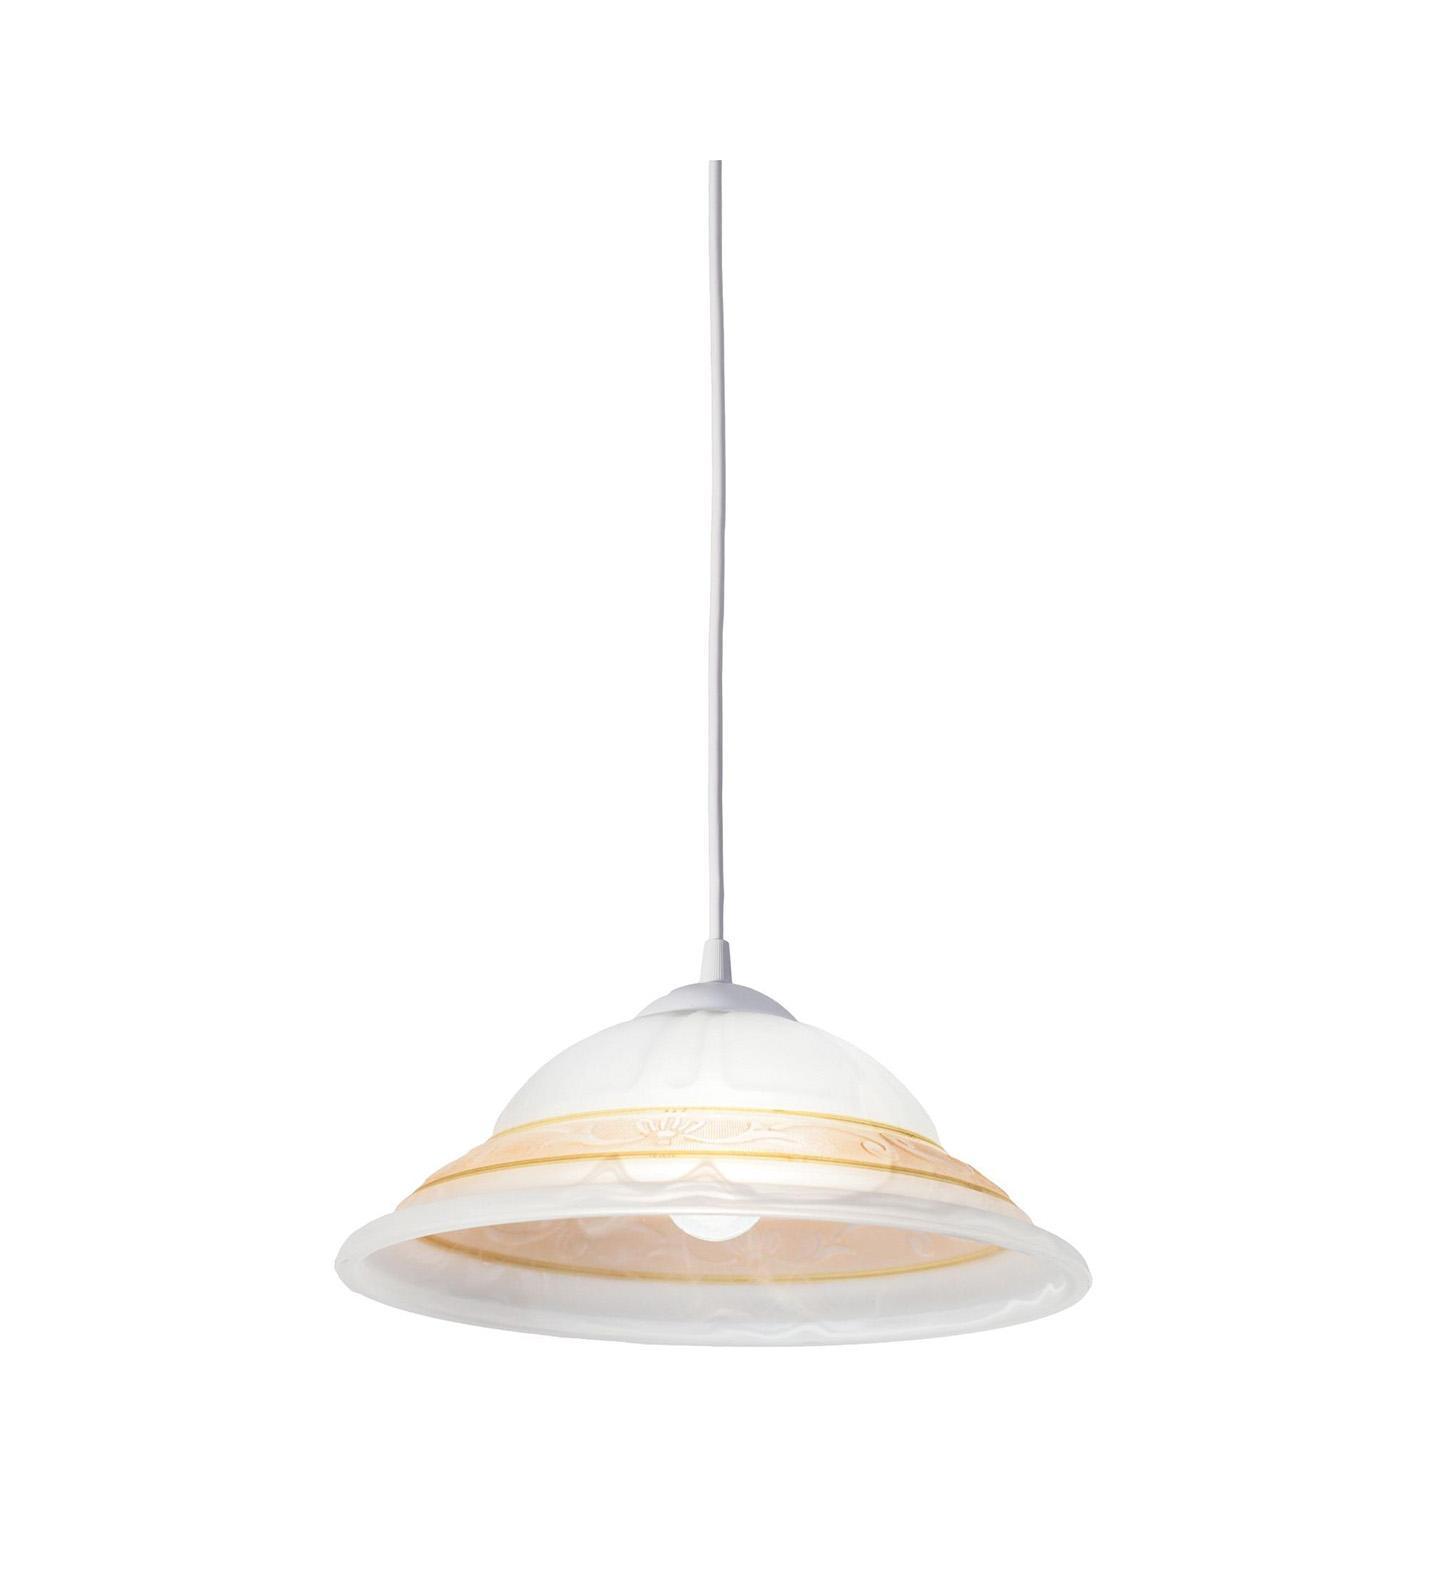 Светильник подвесной Arte lamp A3434sp-1wh